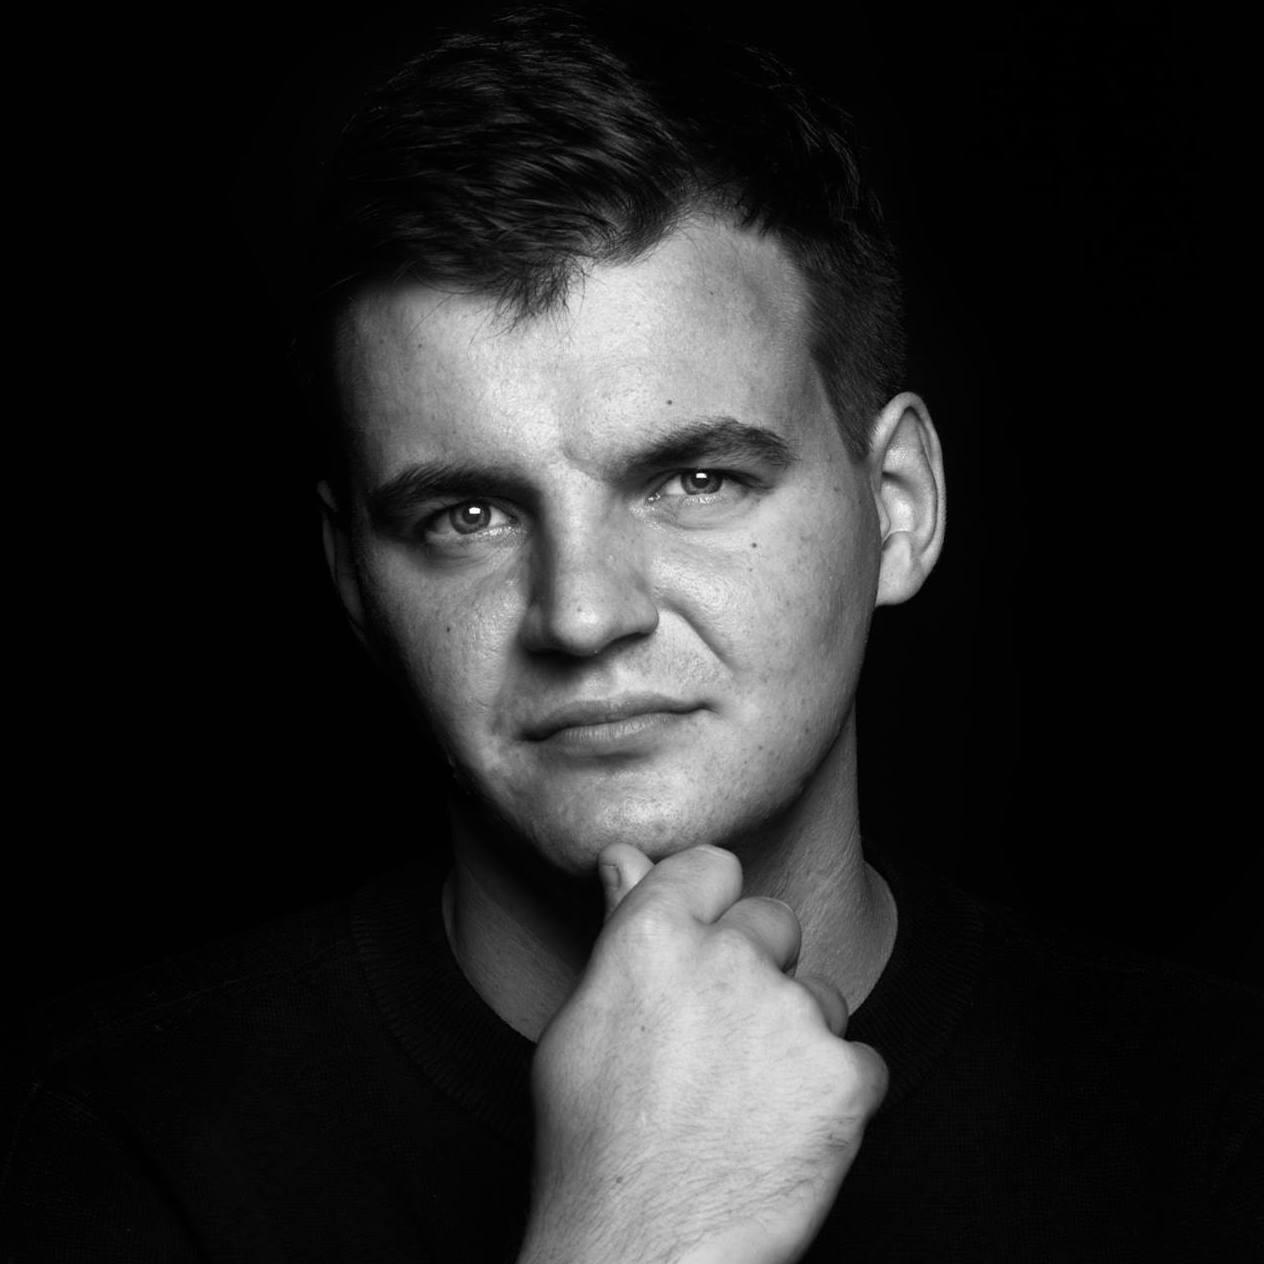 Mateusz Hoffman